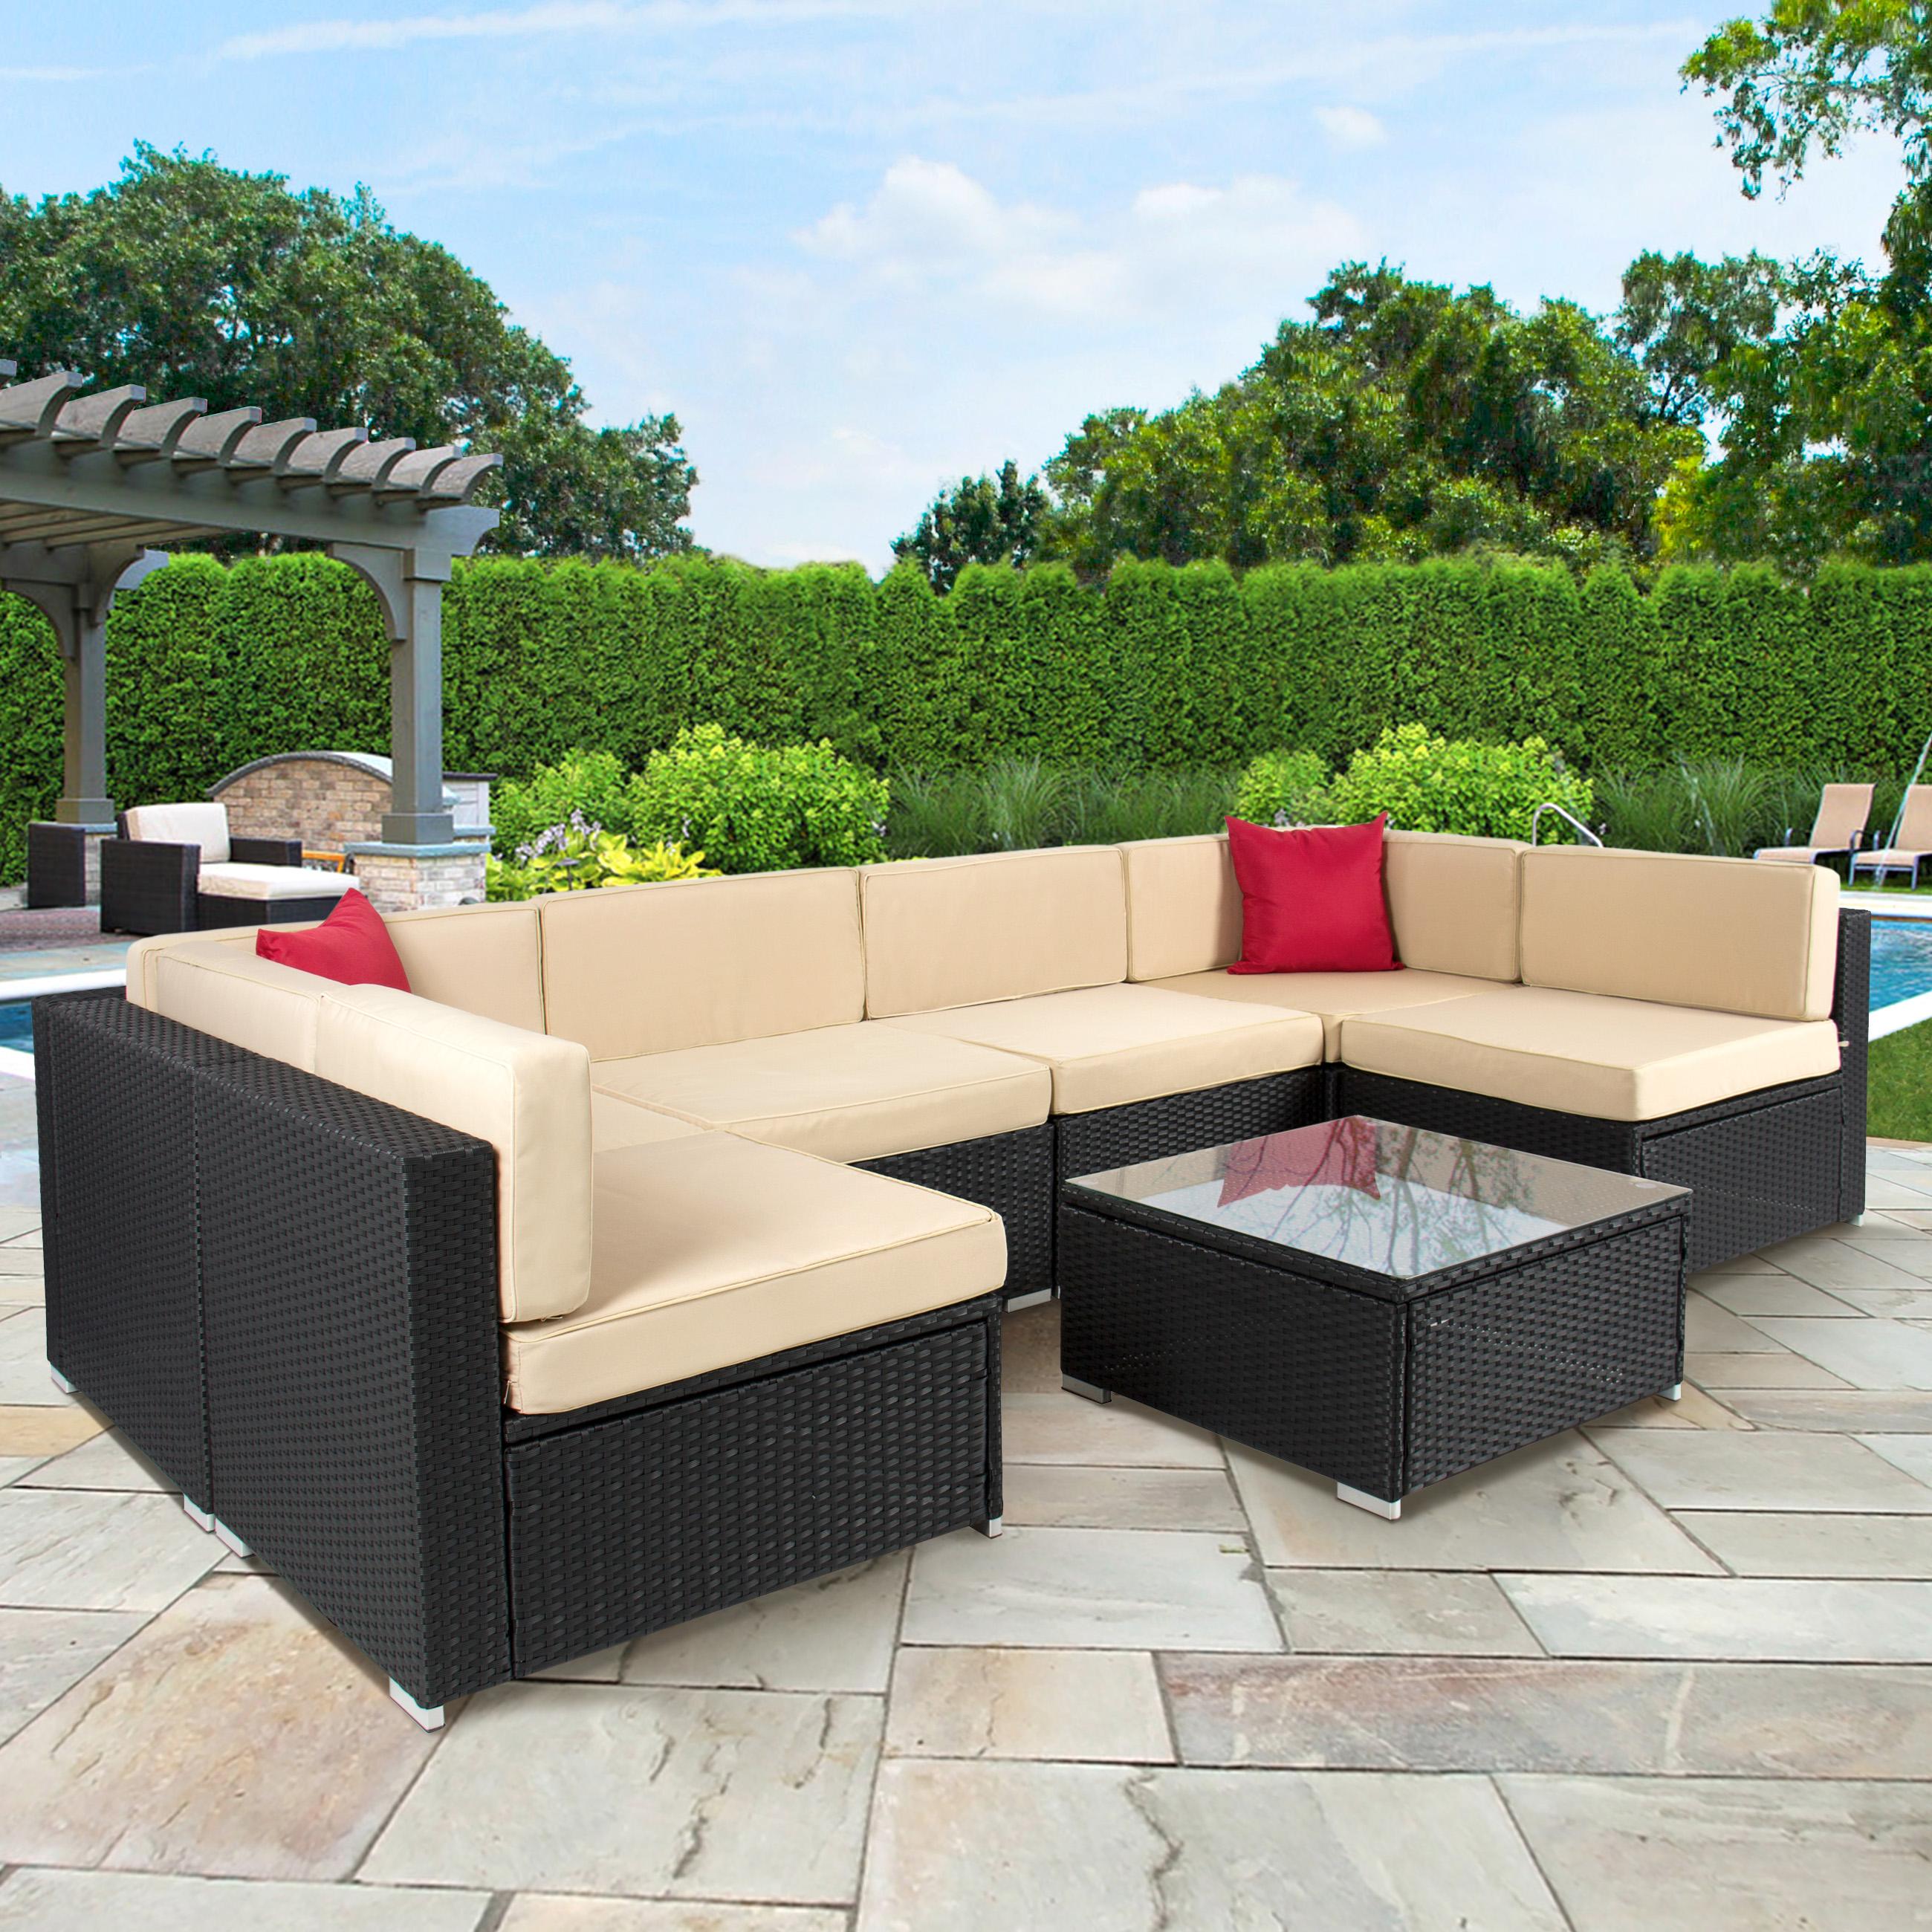 outdoor garden furniture baner garden 4-piece outdoor furniture complete set, black - walmart.com QUPROPT